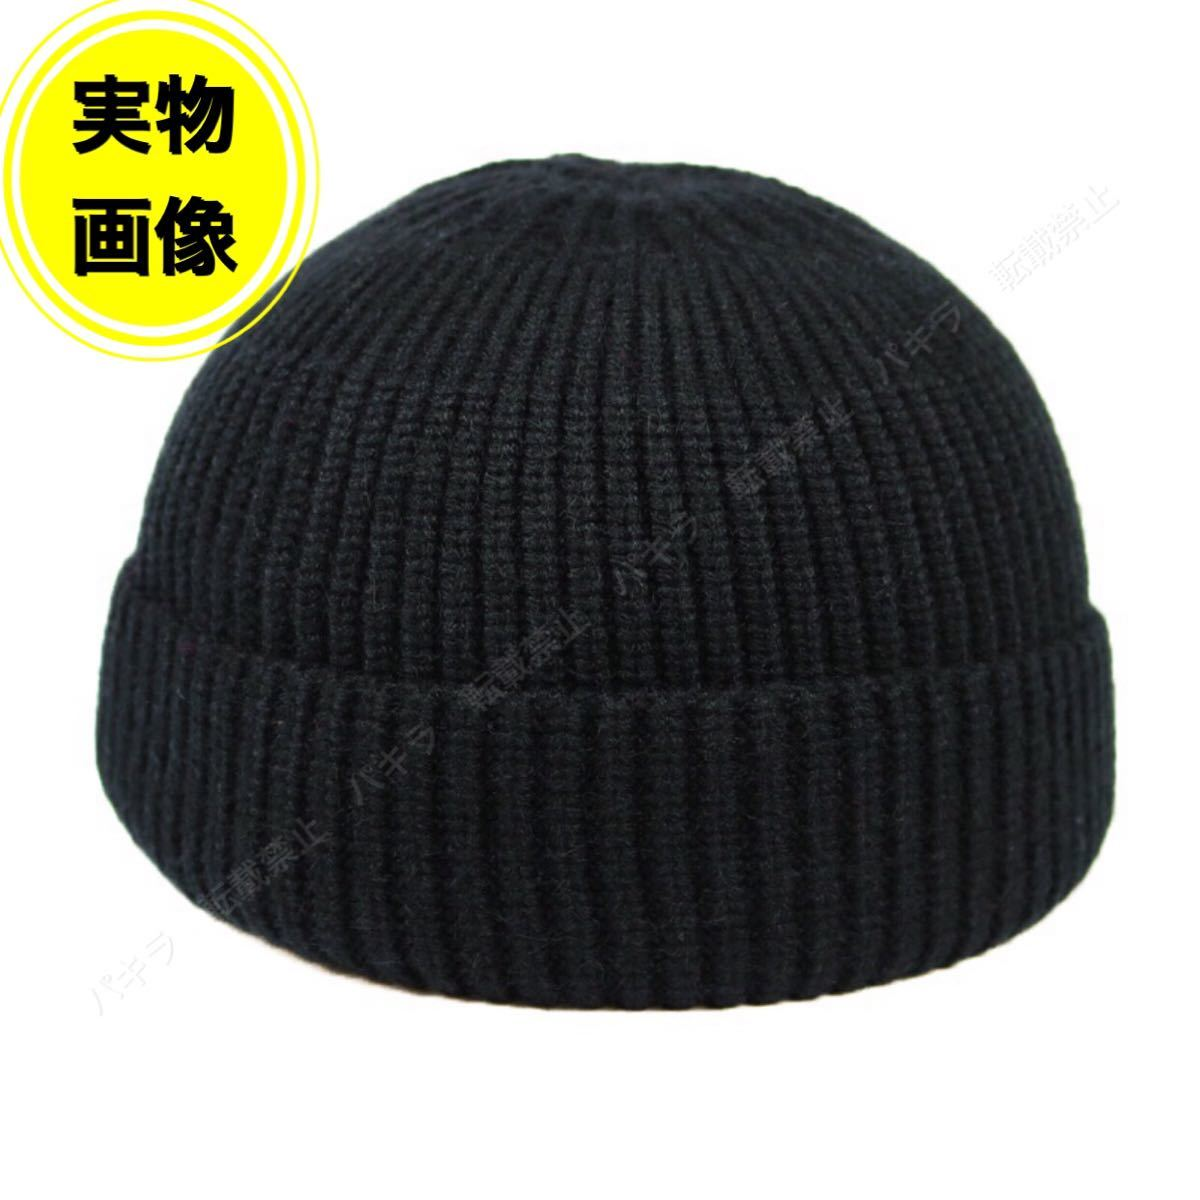 ニット帽 ビーニー 浅め 黒 ブラック ワッチキャップ 帽子 メンズ キャップ